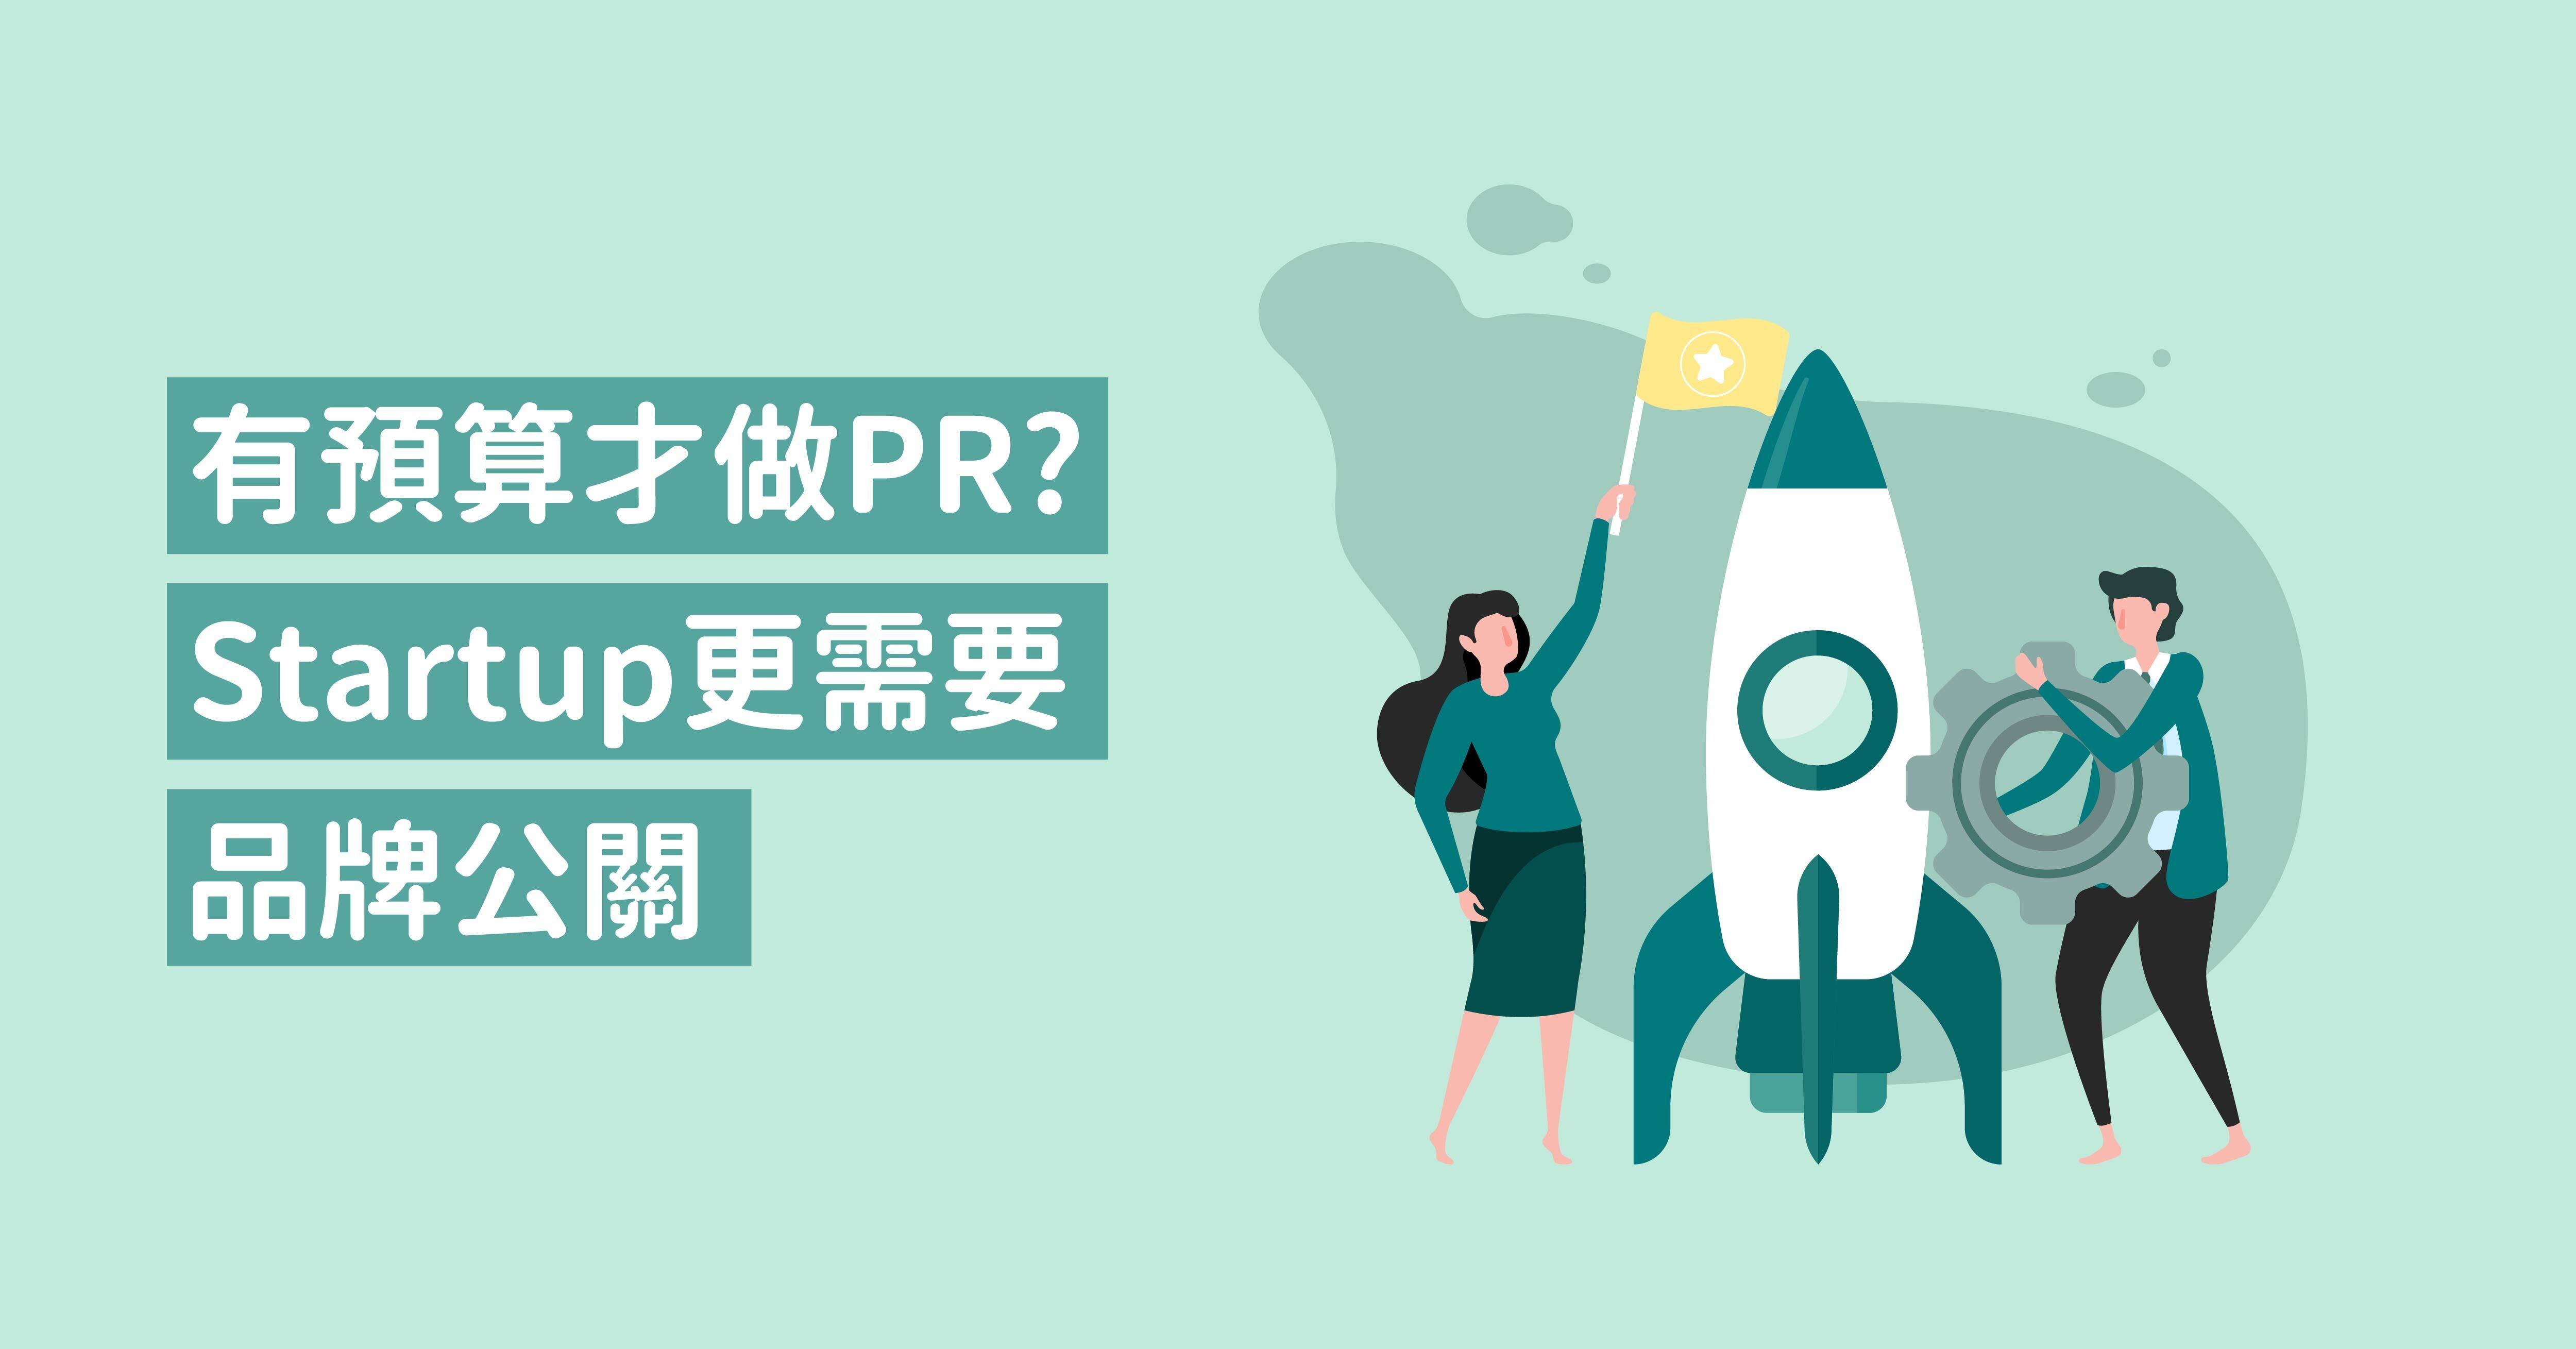 Startup PR in Hong Kong